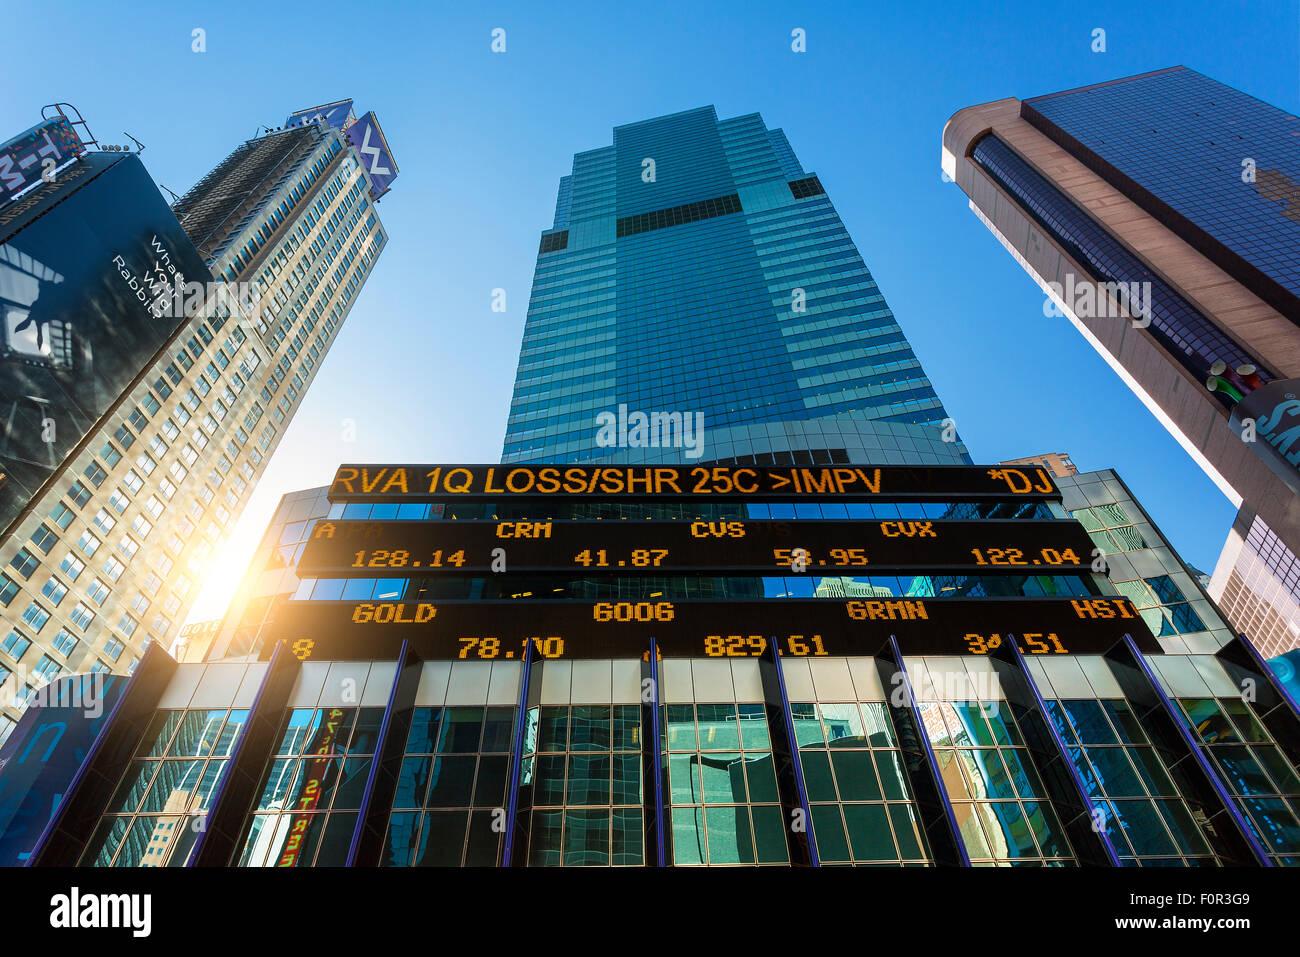 La Ciudad de Nueva York, Stock Ticker en edificio de Morgan Stanley. Imagen De Stock